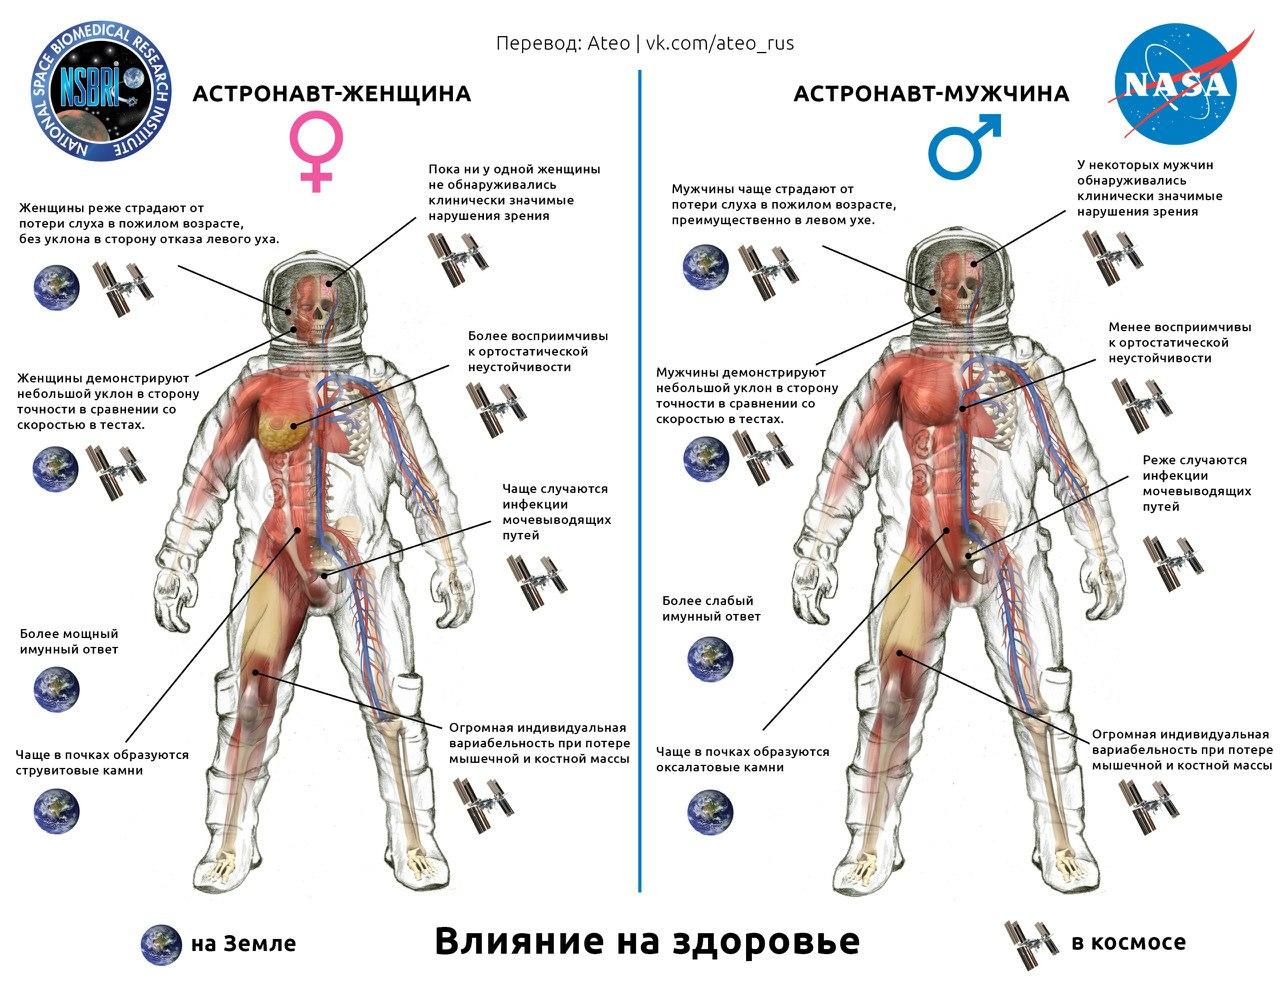 Секс в космической невесомости